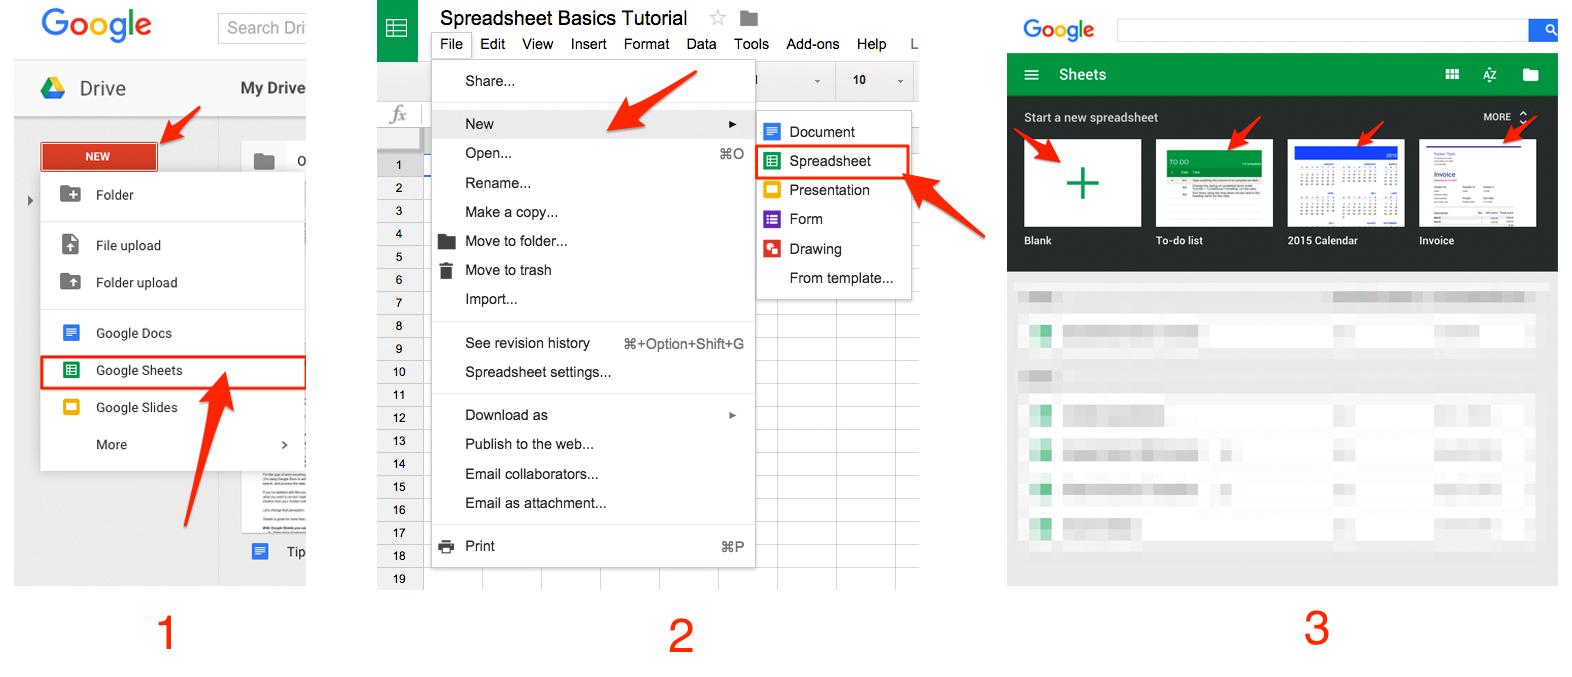 Online Spreadsheet Maker For Google Sheets 101: The Beginner's Guide To Online Spreadsheets  The